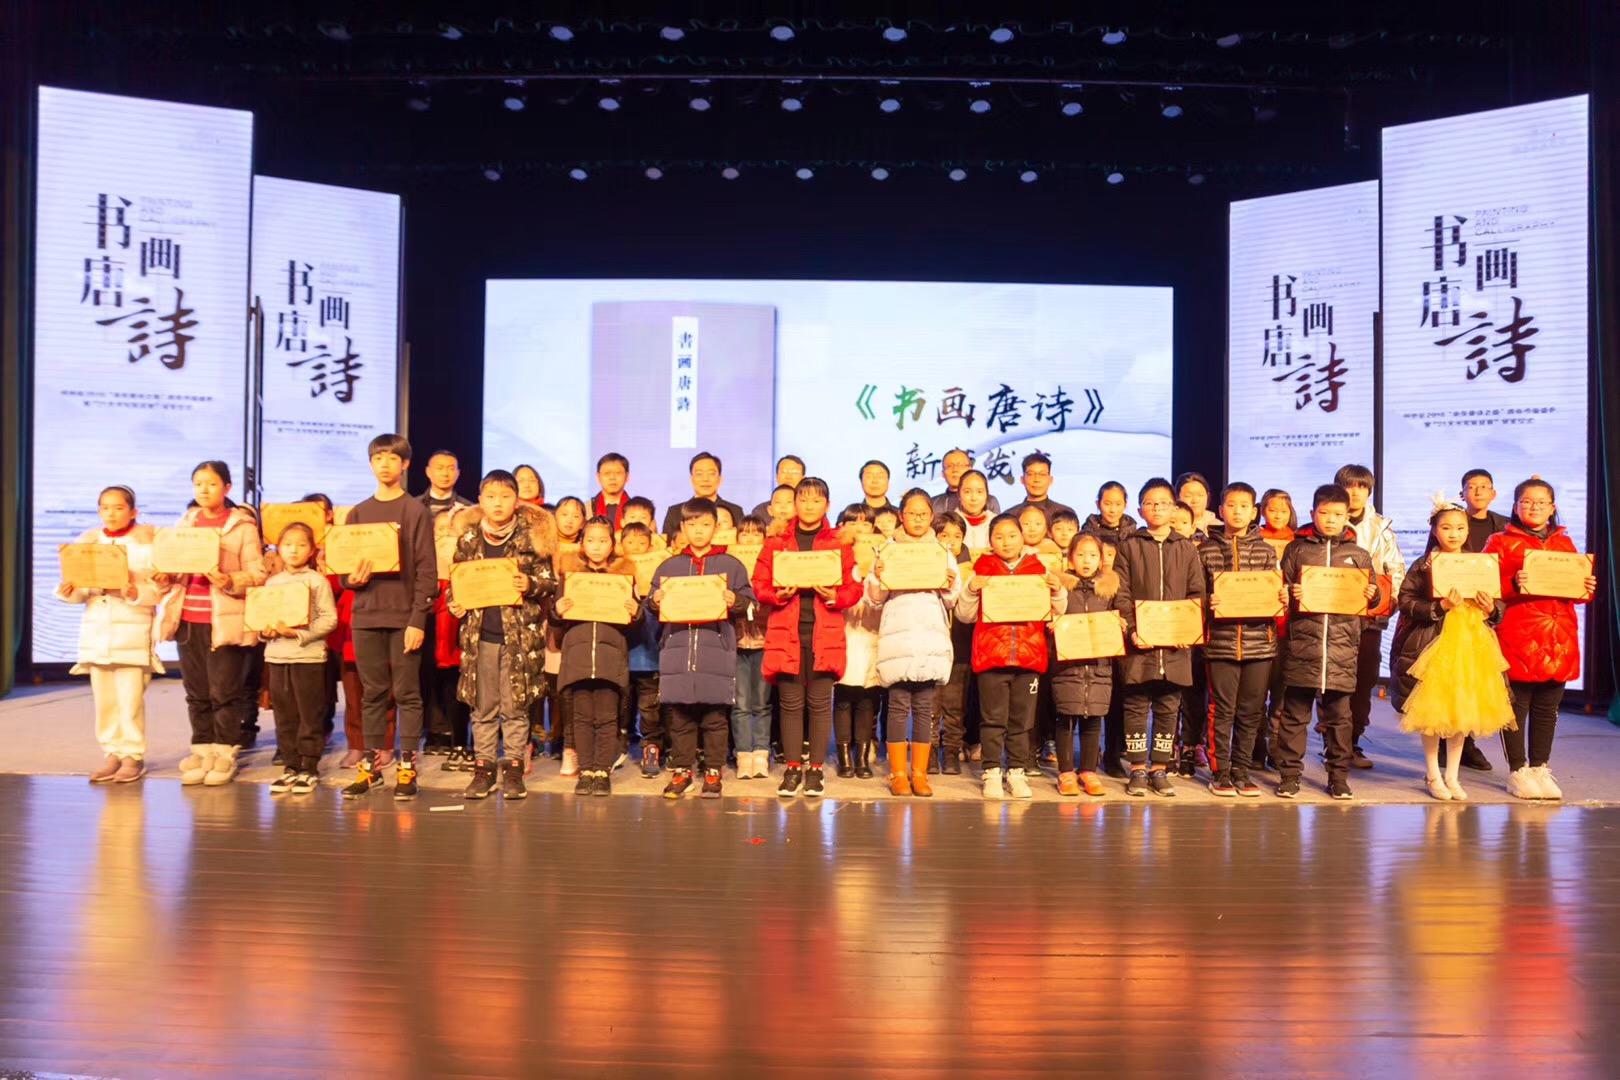 浙东唐诗之路书画跨年盛典